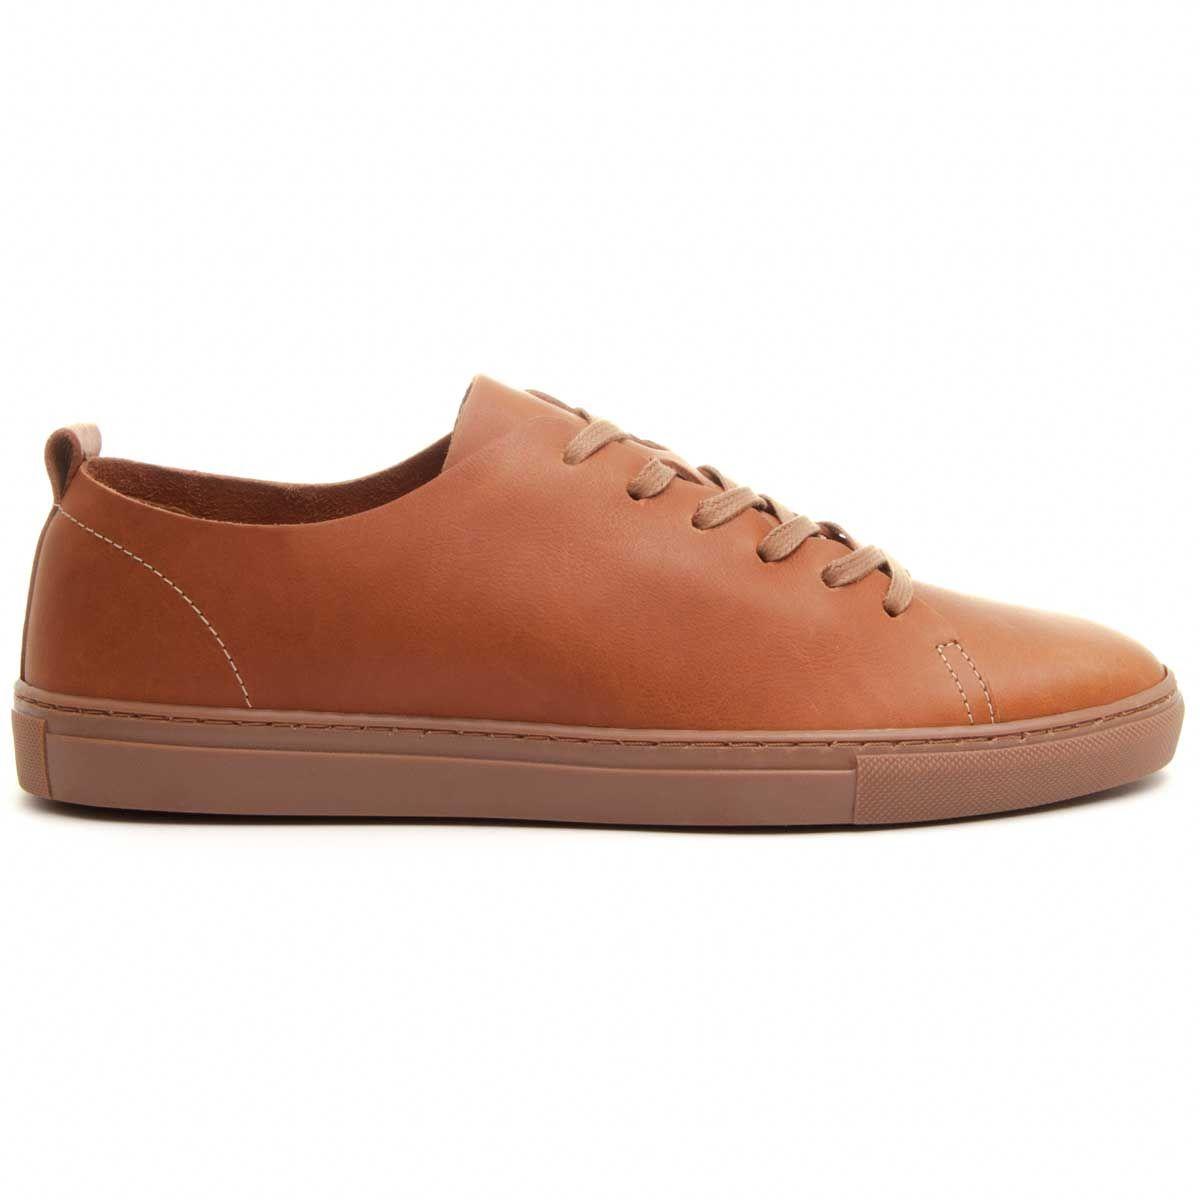 Purapiel Leather Sneaker in Camel